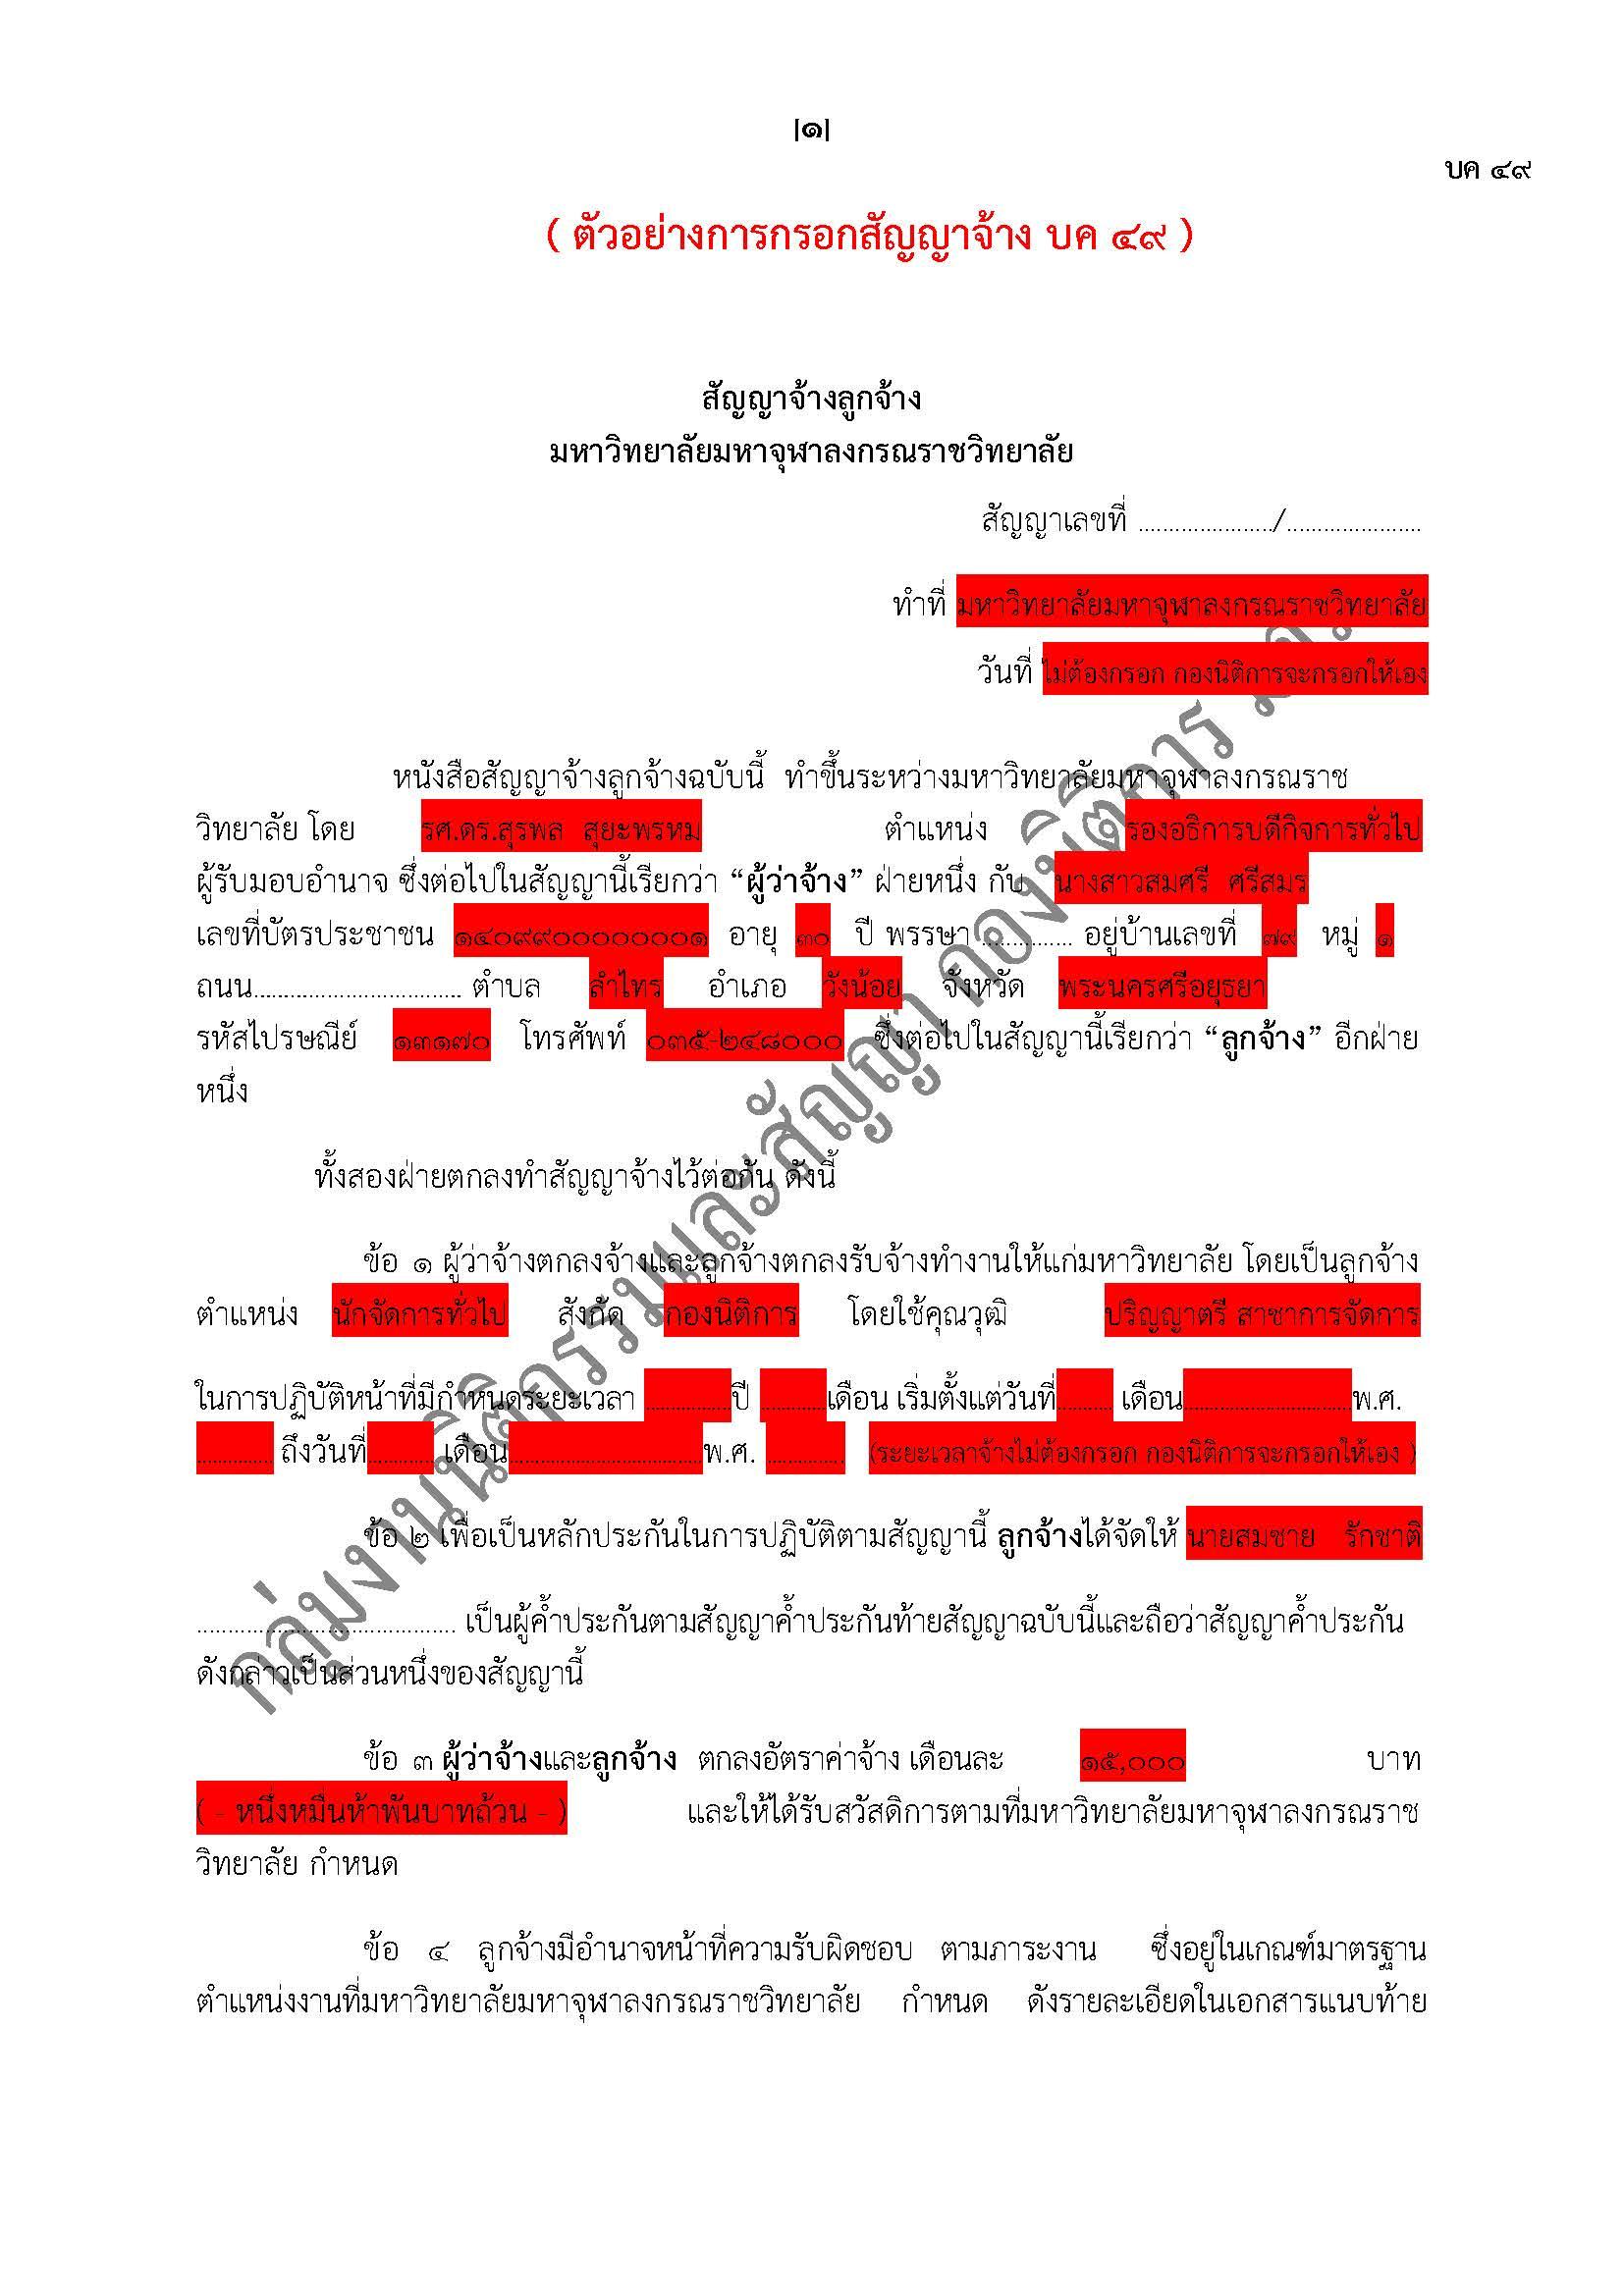 ตัวอย่างการกรอกสัญญาจ้างชั่วคราว บค 49_Page_1